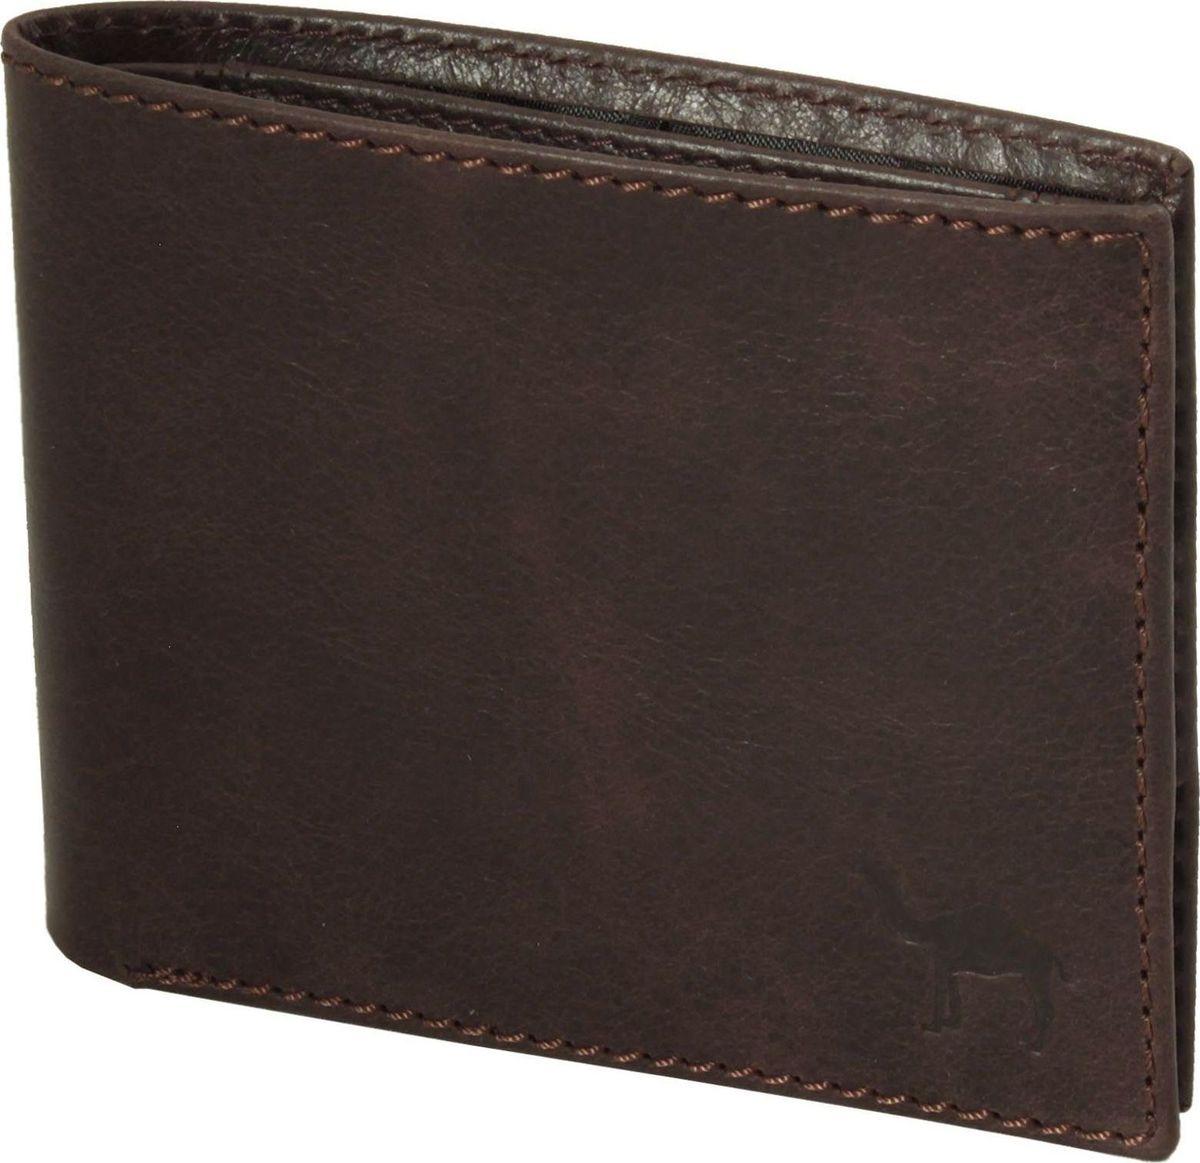 Портмоне мужское Dimanche Camel, цвет: коричневый. 635/кMX3024820_WM_SHL_010Удобное и небольшое мужское портмоне Dimanche Camel изготовлено из мягкой натуральной кожи. Внутри портмоне имеет два отделения для купюр, дополнительный карман, пять карманов для кредиток/визиток, отделение для мелочи на кнопочке и карман для sim карты. Закрывается модель на кнопочку.